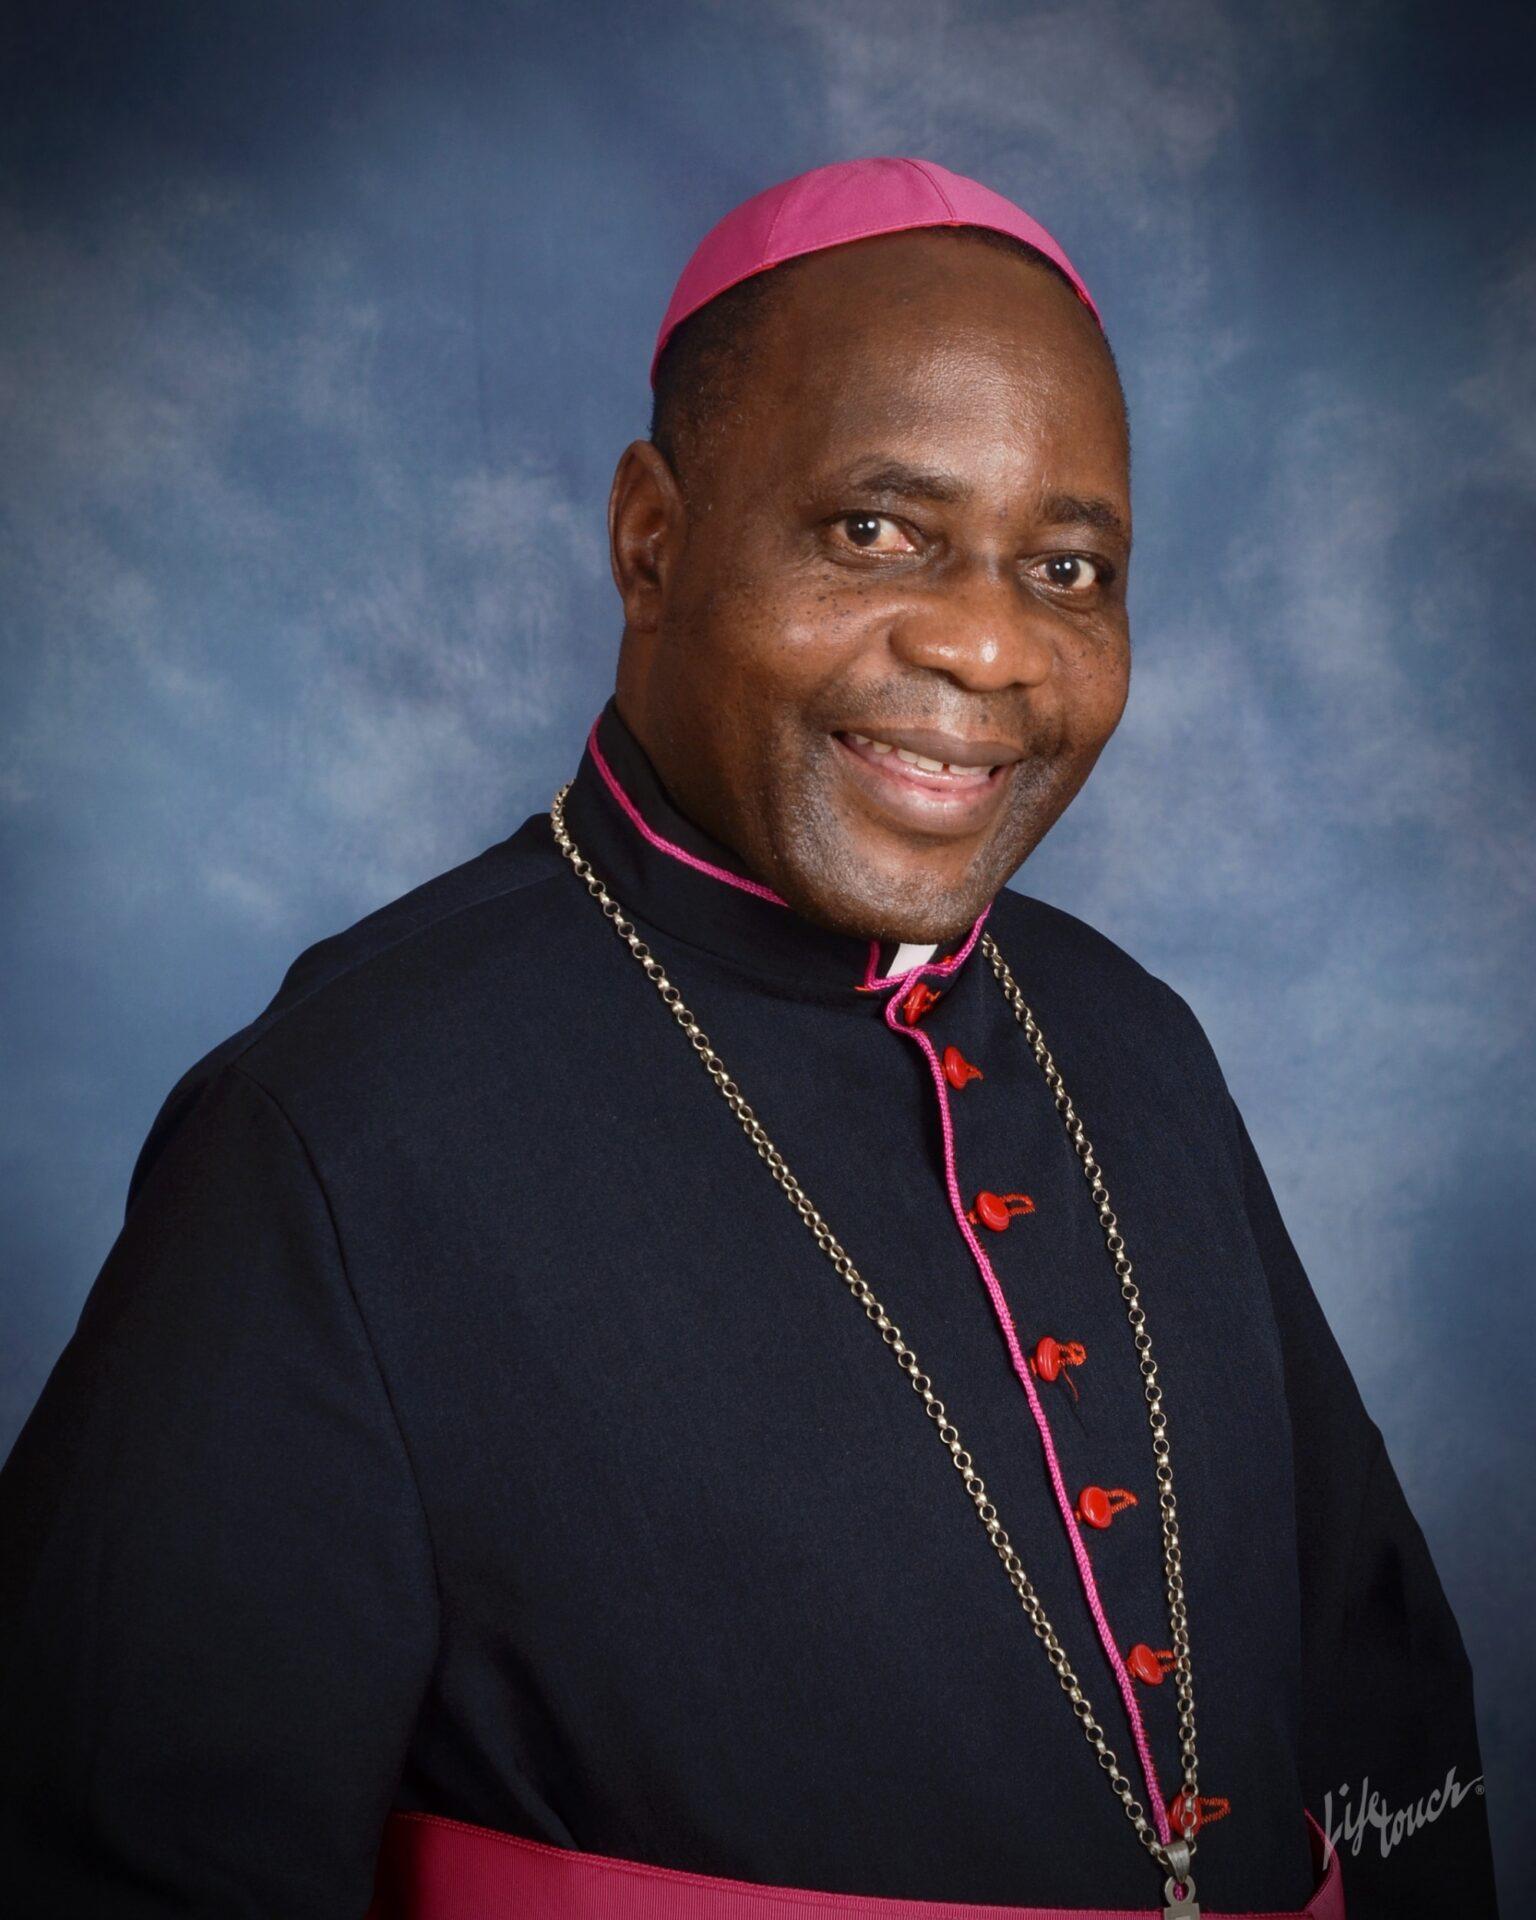 Bishop Montfort Stima